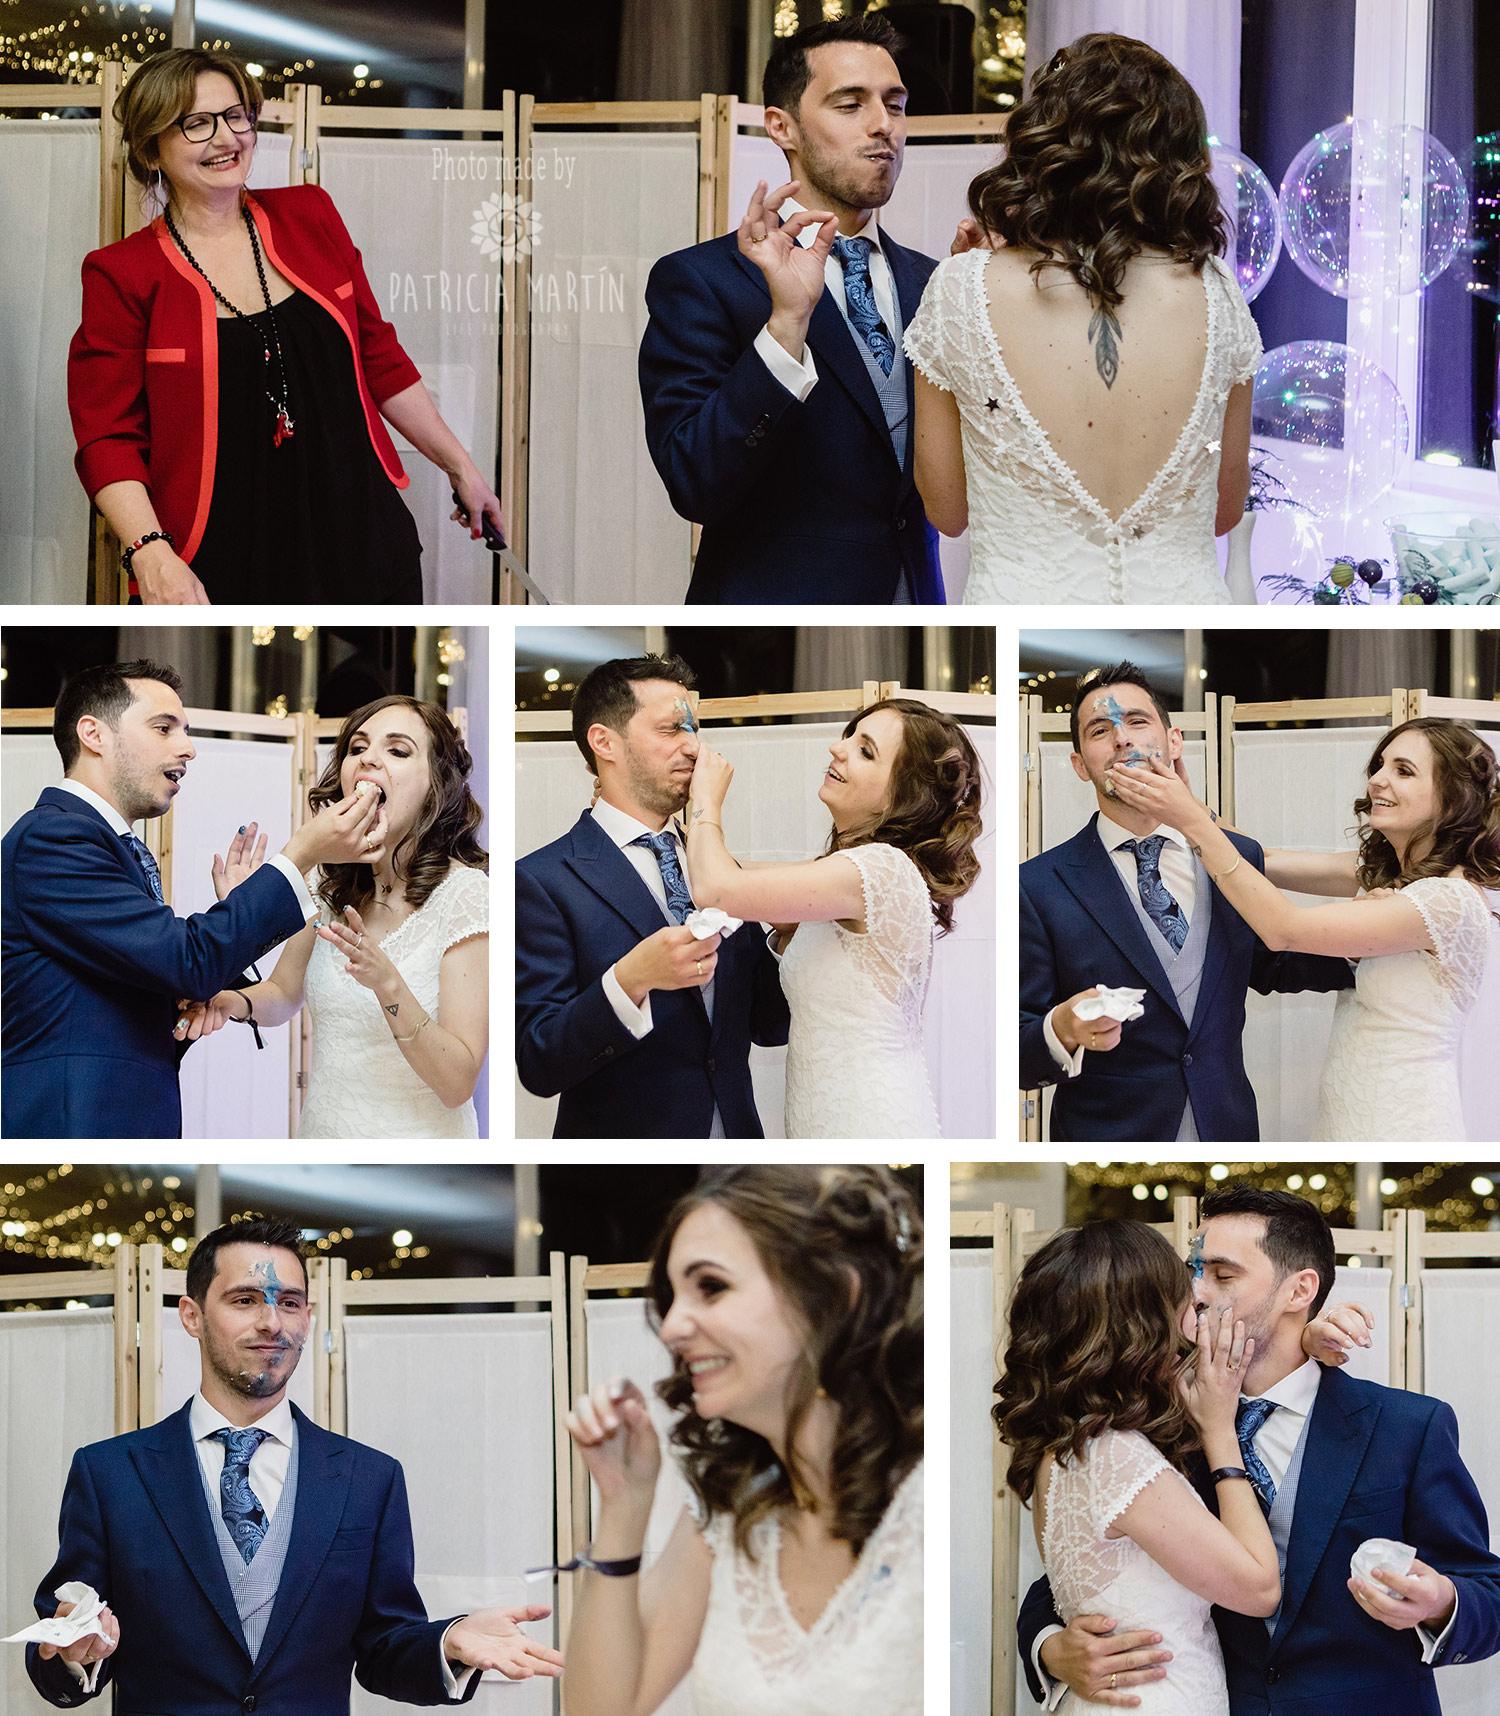 Lustige Szene nach dem Anschneiden der Hochzeitstorte